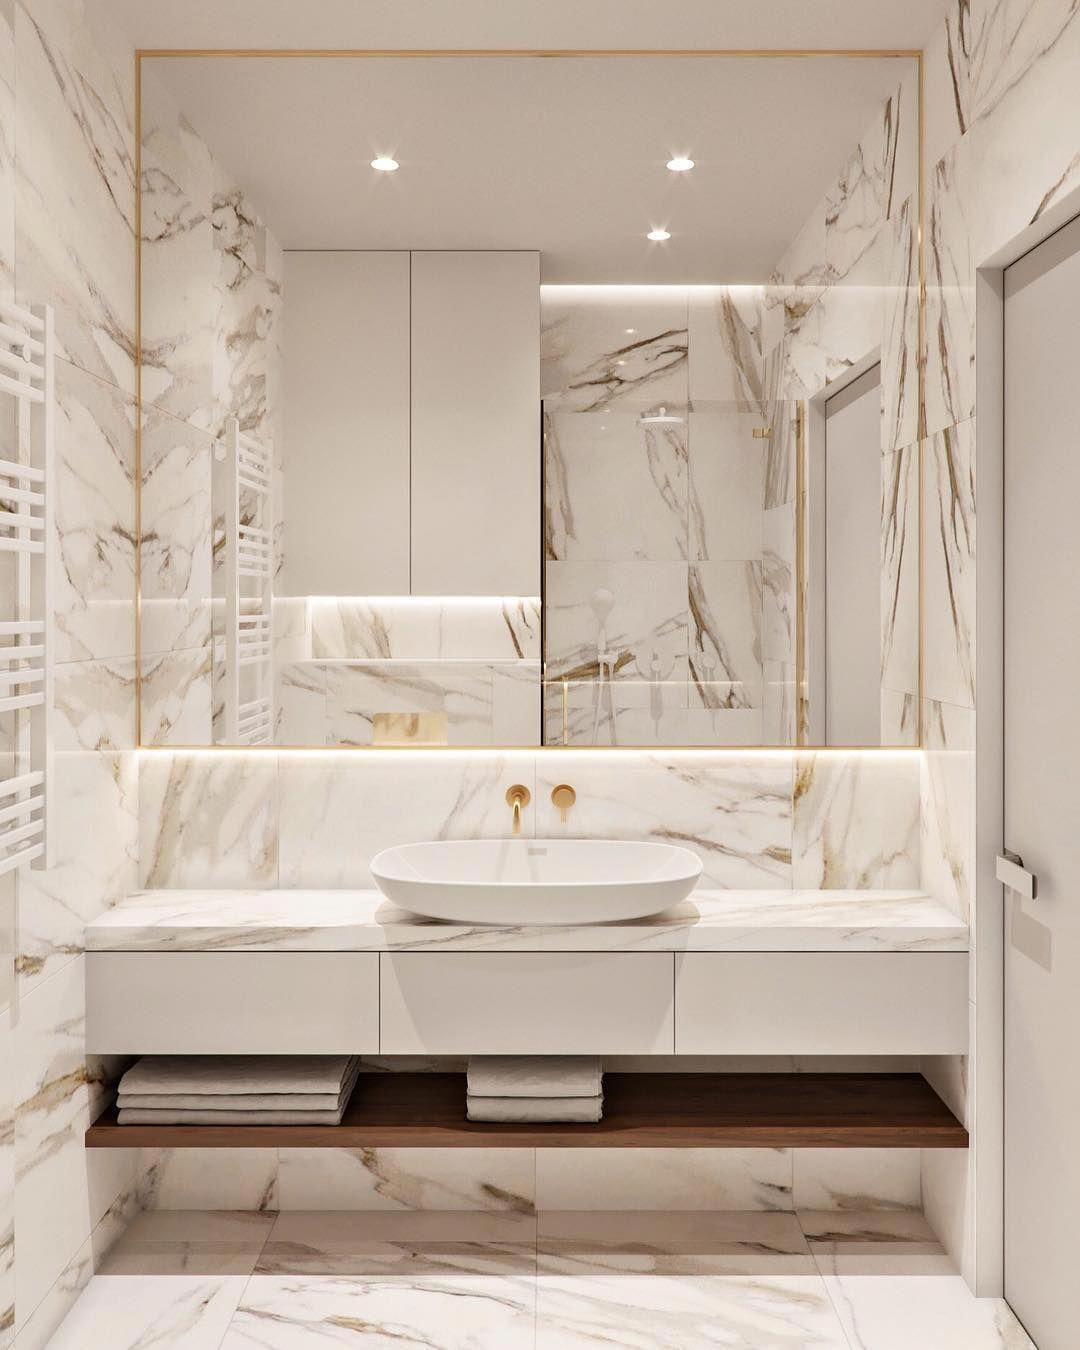 50 Modern Apartment Bathroom Pictures Luxury Bathroom Master Baths Bathroom Design Luxury Bathroom Interior Design